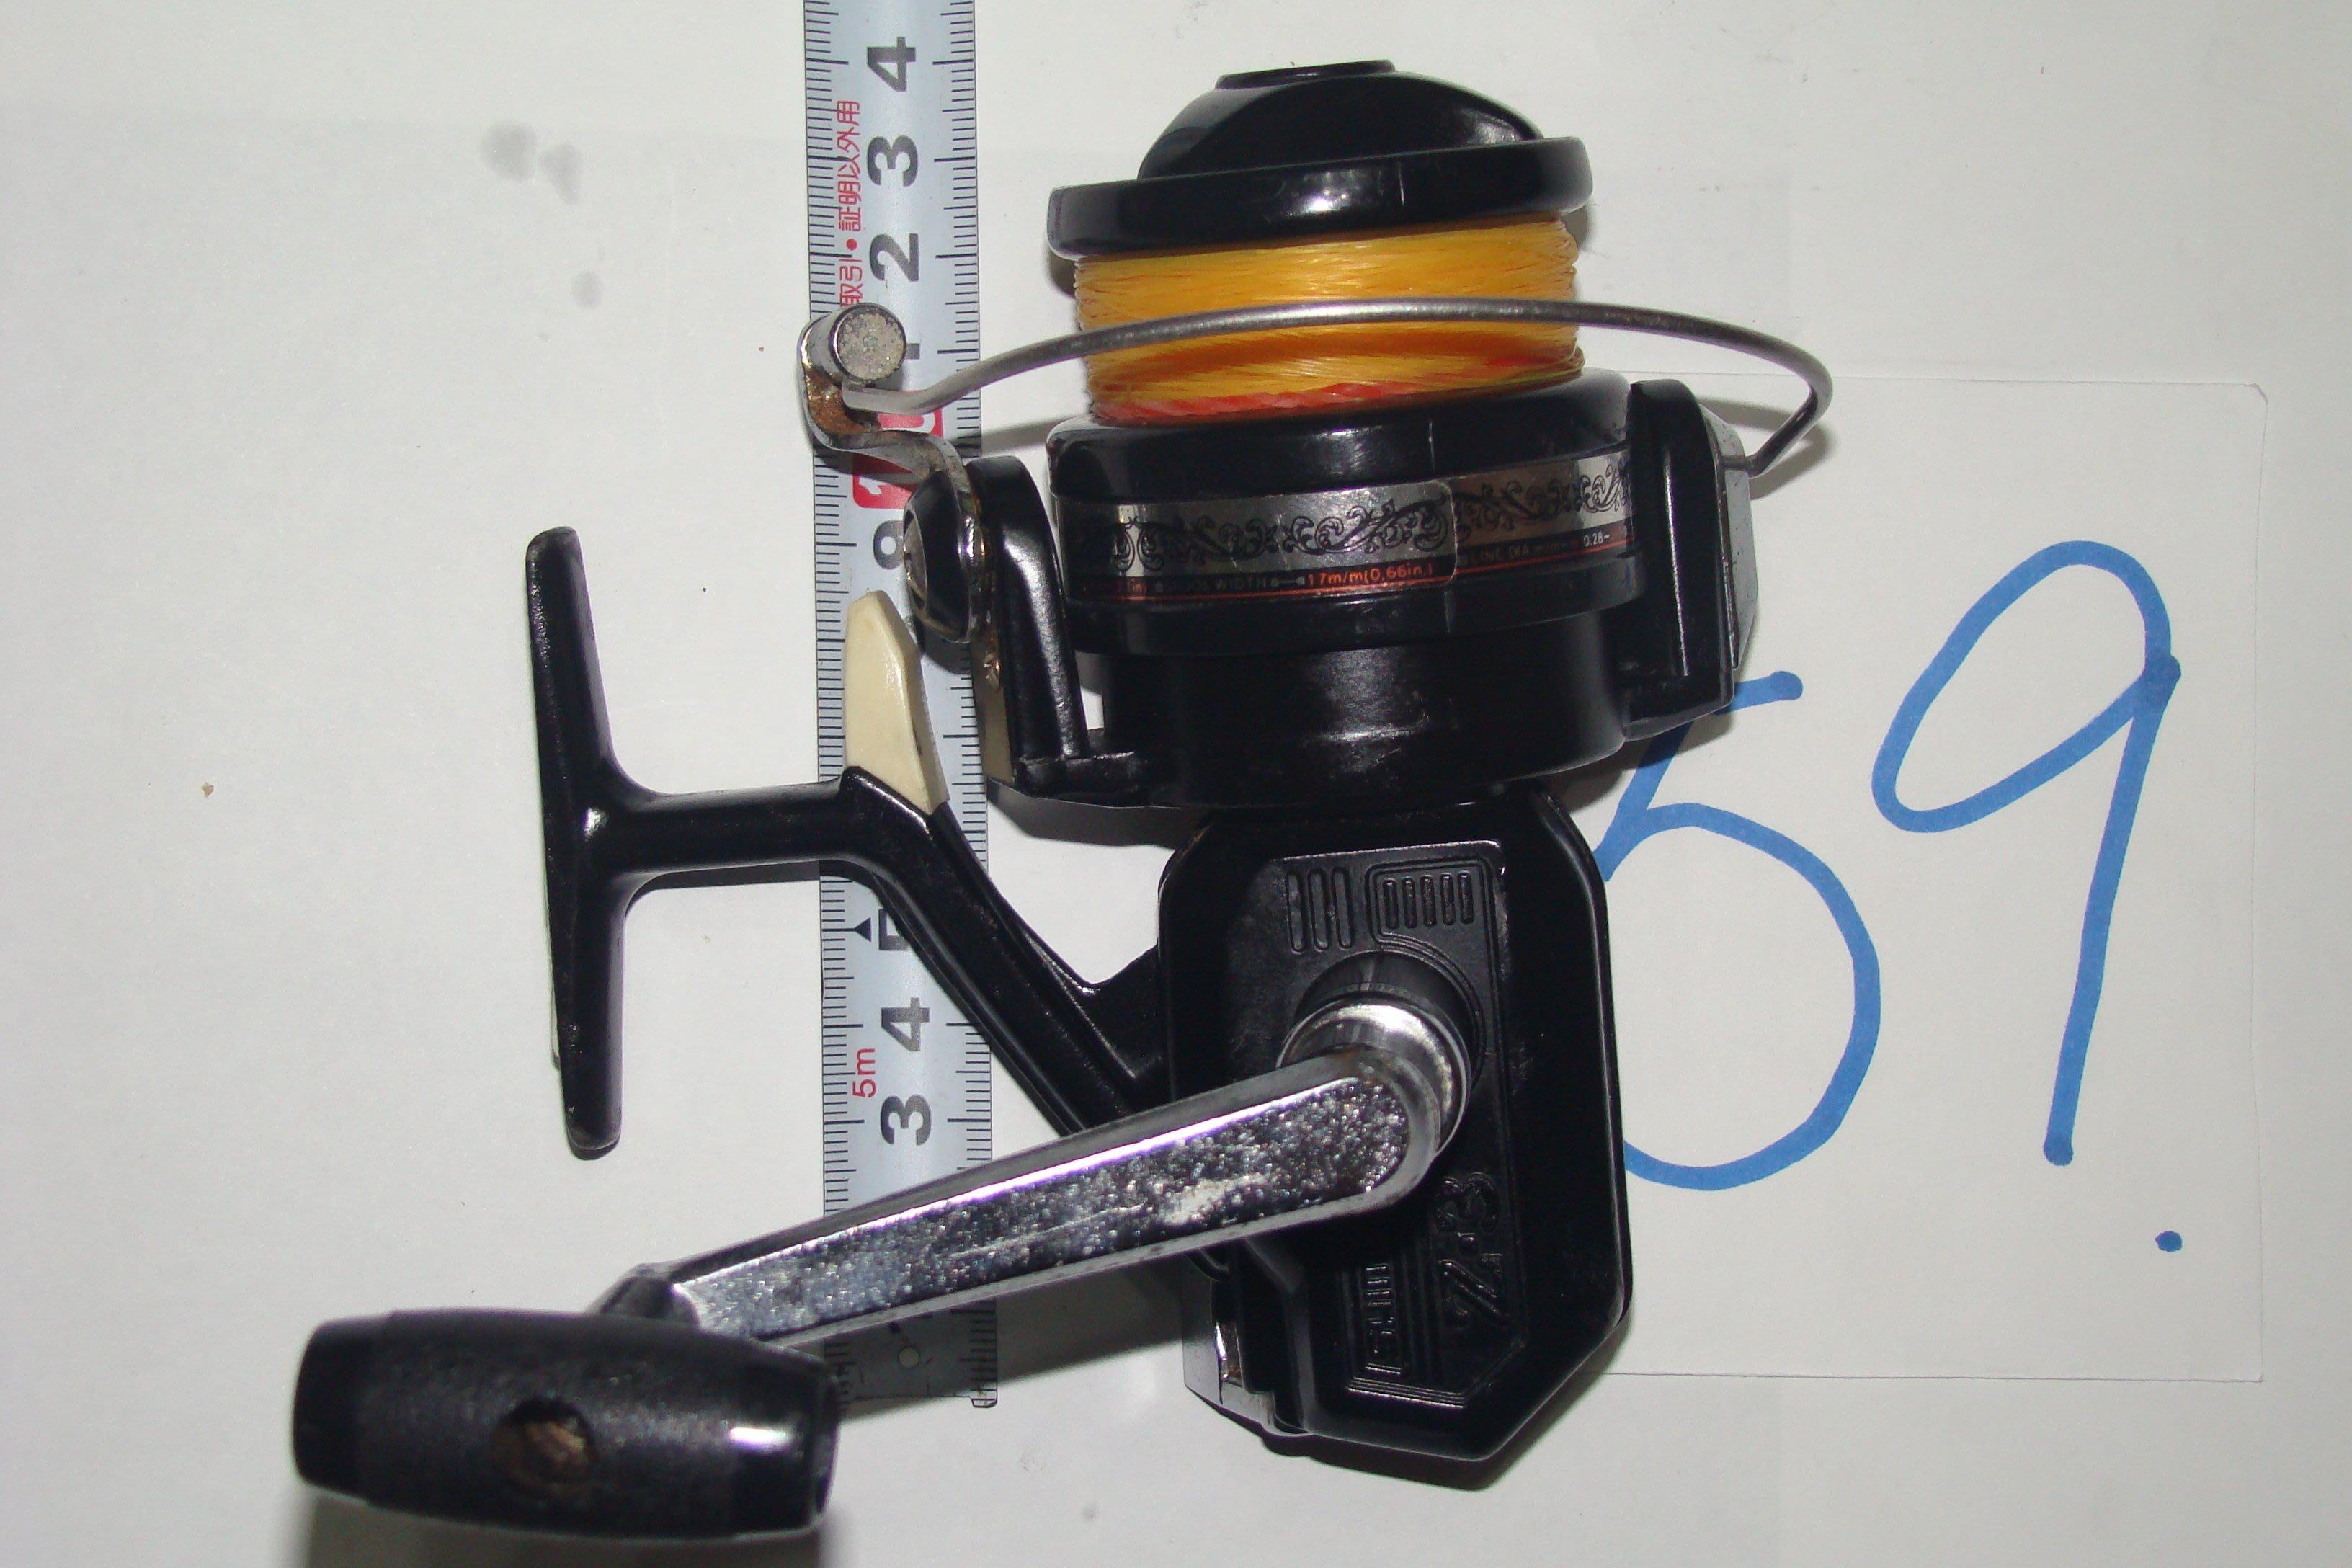 采潔 日本二手外匯釣具SHIMANO 2-3型 二手釣具 中古釣竿 捲線器 遠投 中古釣具 二手釣竿 編號R59